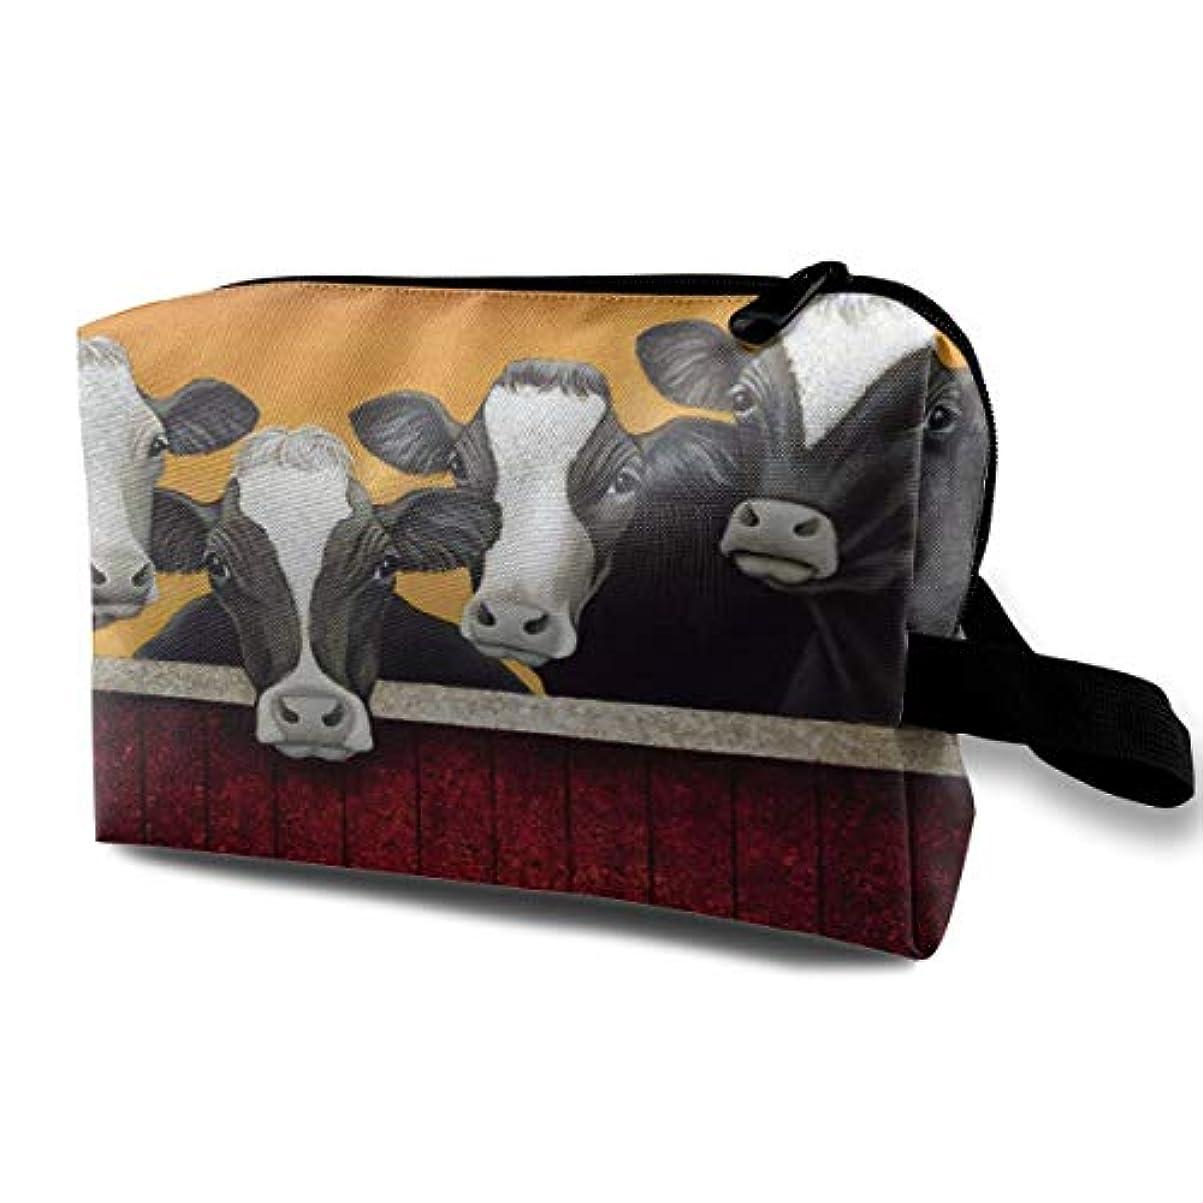 滑るヒント行商Funny Milk Cow 収納ポーチ 化粧ポーチ 大容量 軽量 耐久性 ハンドル付持ち運び便利。入れ 自宅?出張?旅行?アウトドア撮影などに対応。メンズ レディース トラベルグッズ